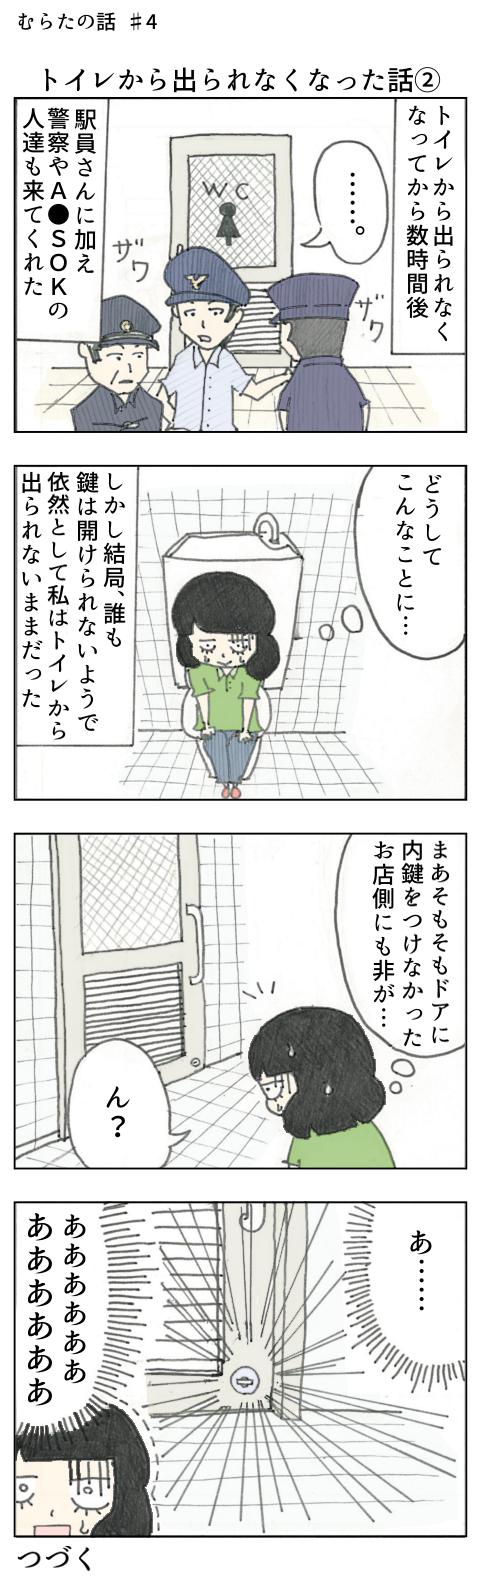 【むらたの話 #4】トイレから出られなくなった話②